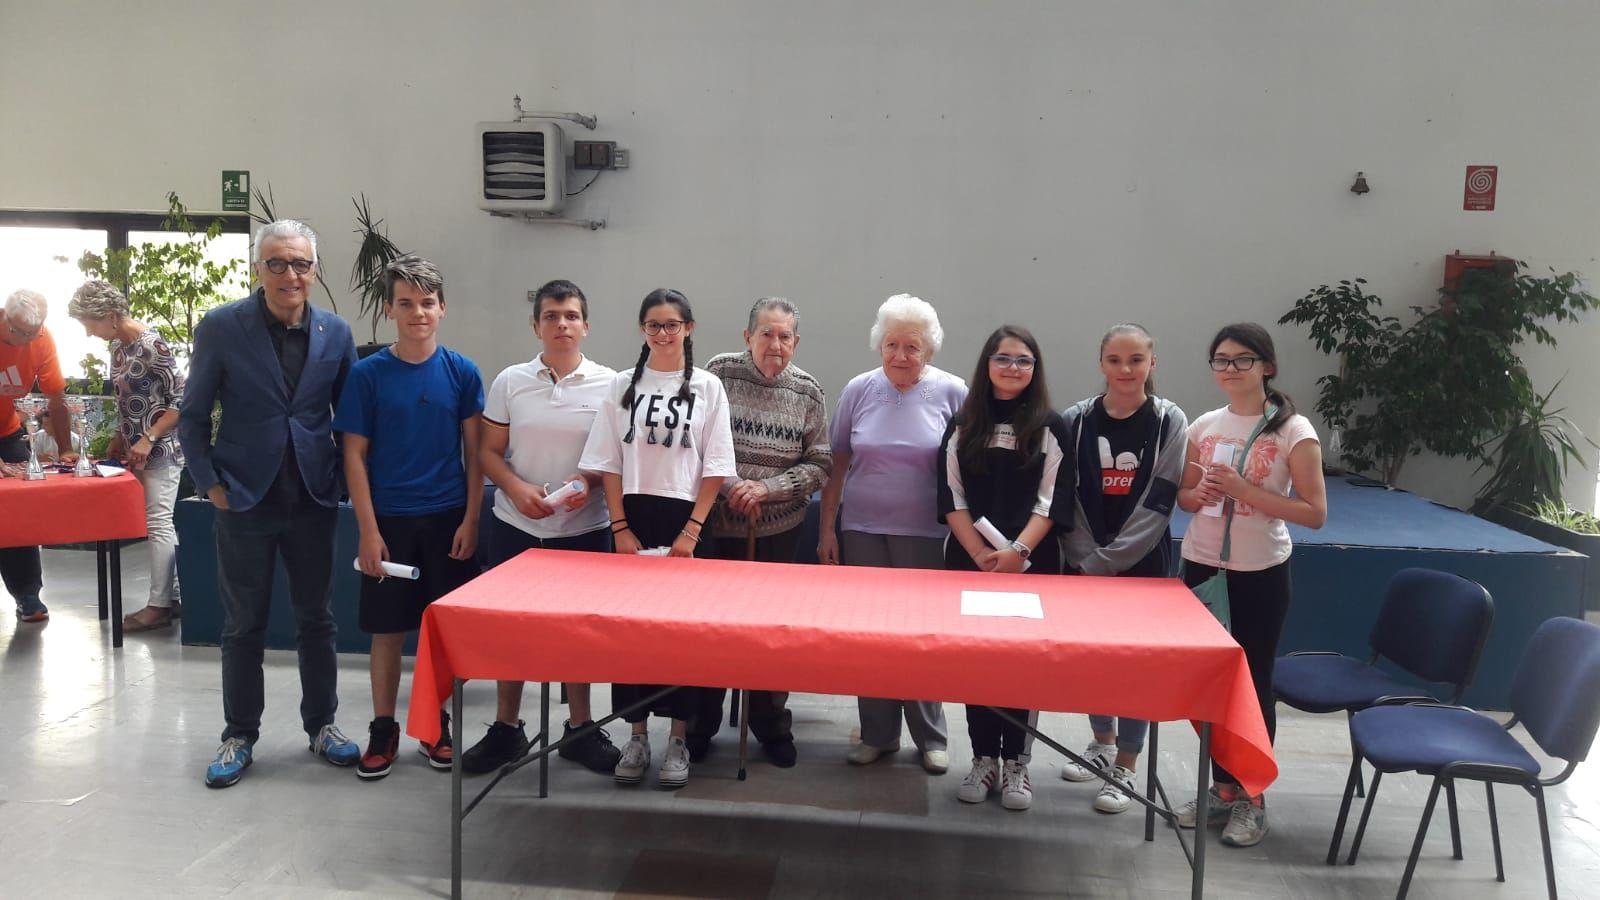 CASTELLAMONTE - Alla scuola media Cresto consegnate le borse di studio intitolate alla memoria di Gloria Rosboch